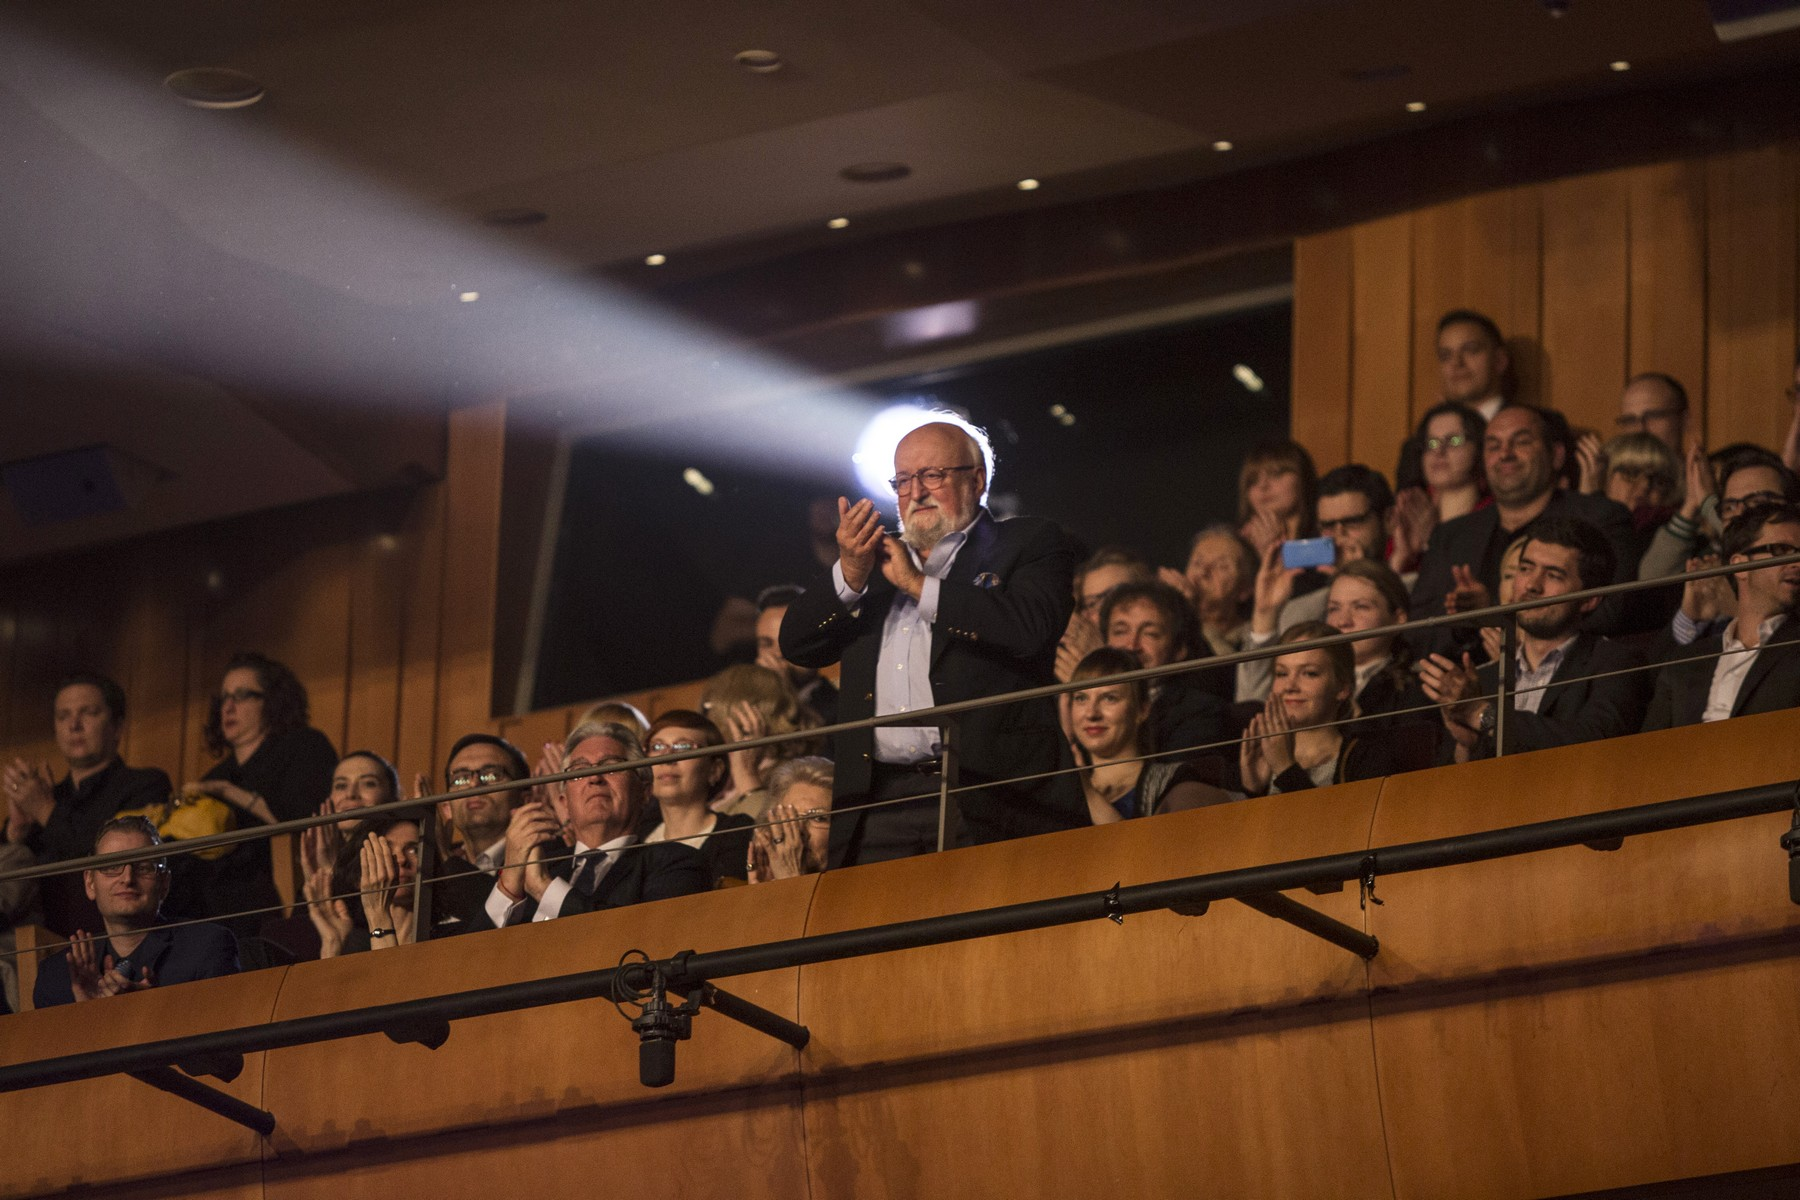 """FMF 2015, ICE, koncert """"Scoring 4 Wajda"""", Fot. Tomasz Wiech (źródło: materiały prasowe organizatora)"""